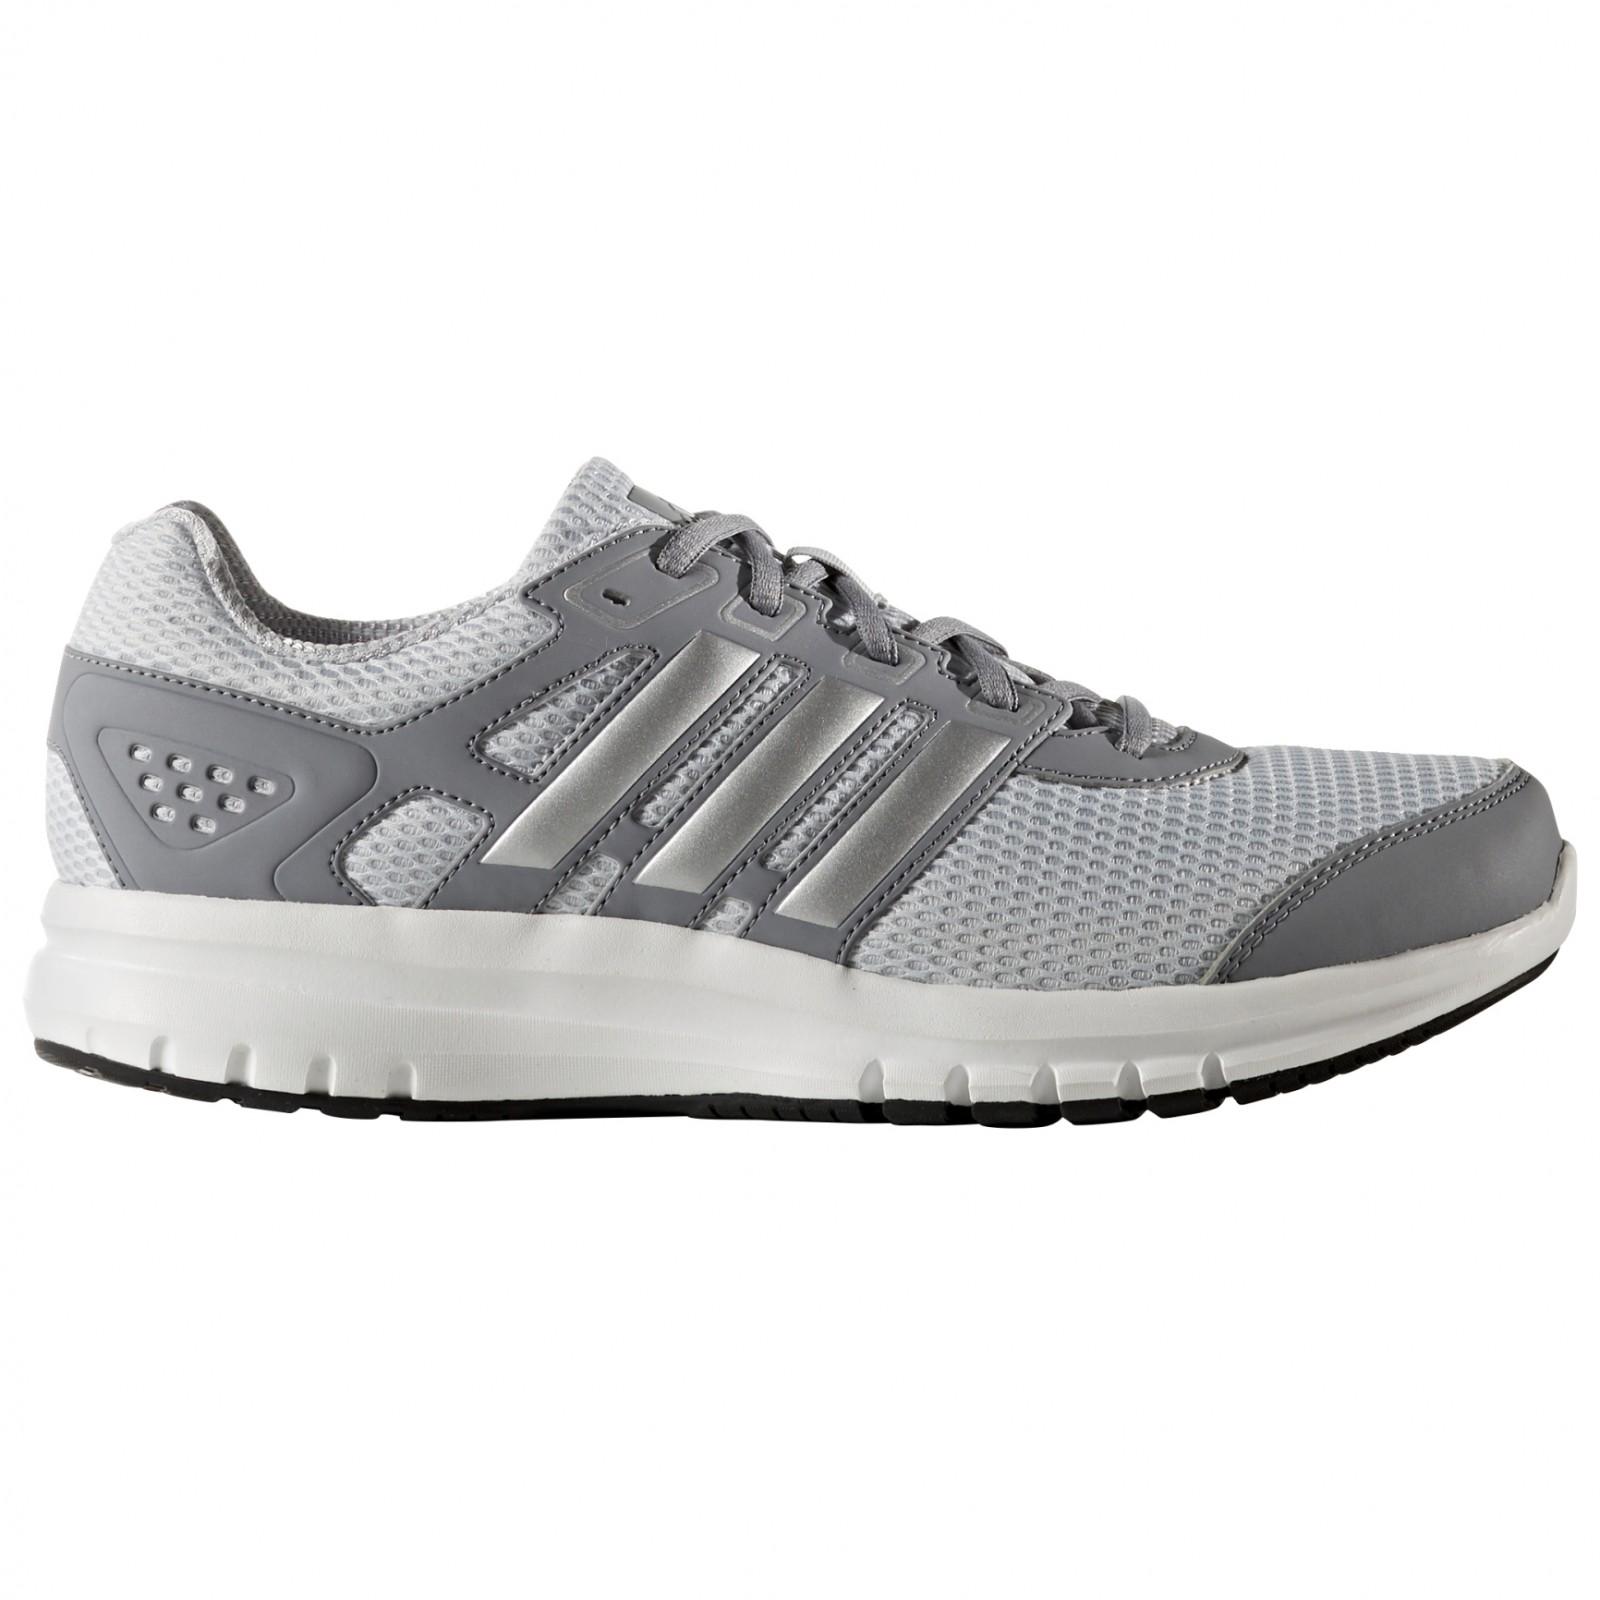 Pánské běžecké boty adidas duramo lite m  a8a752f871